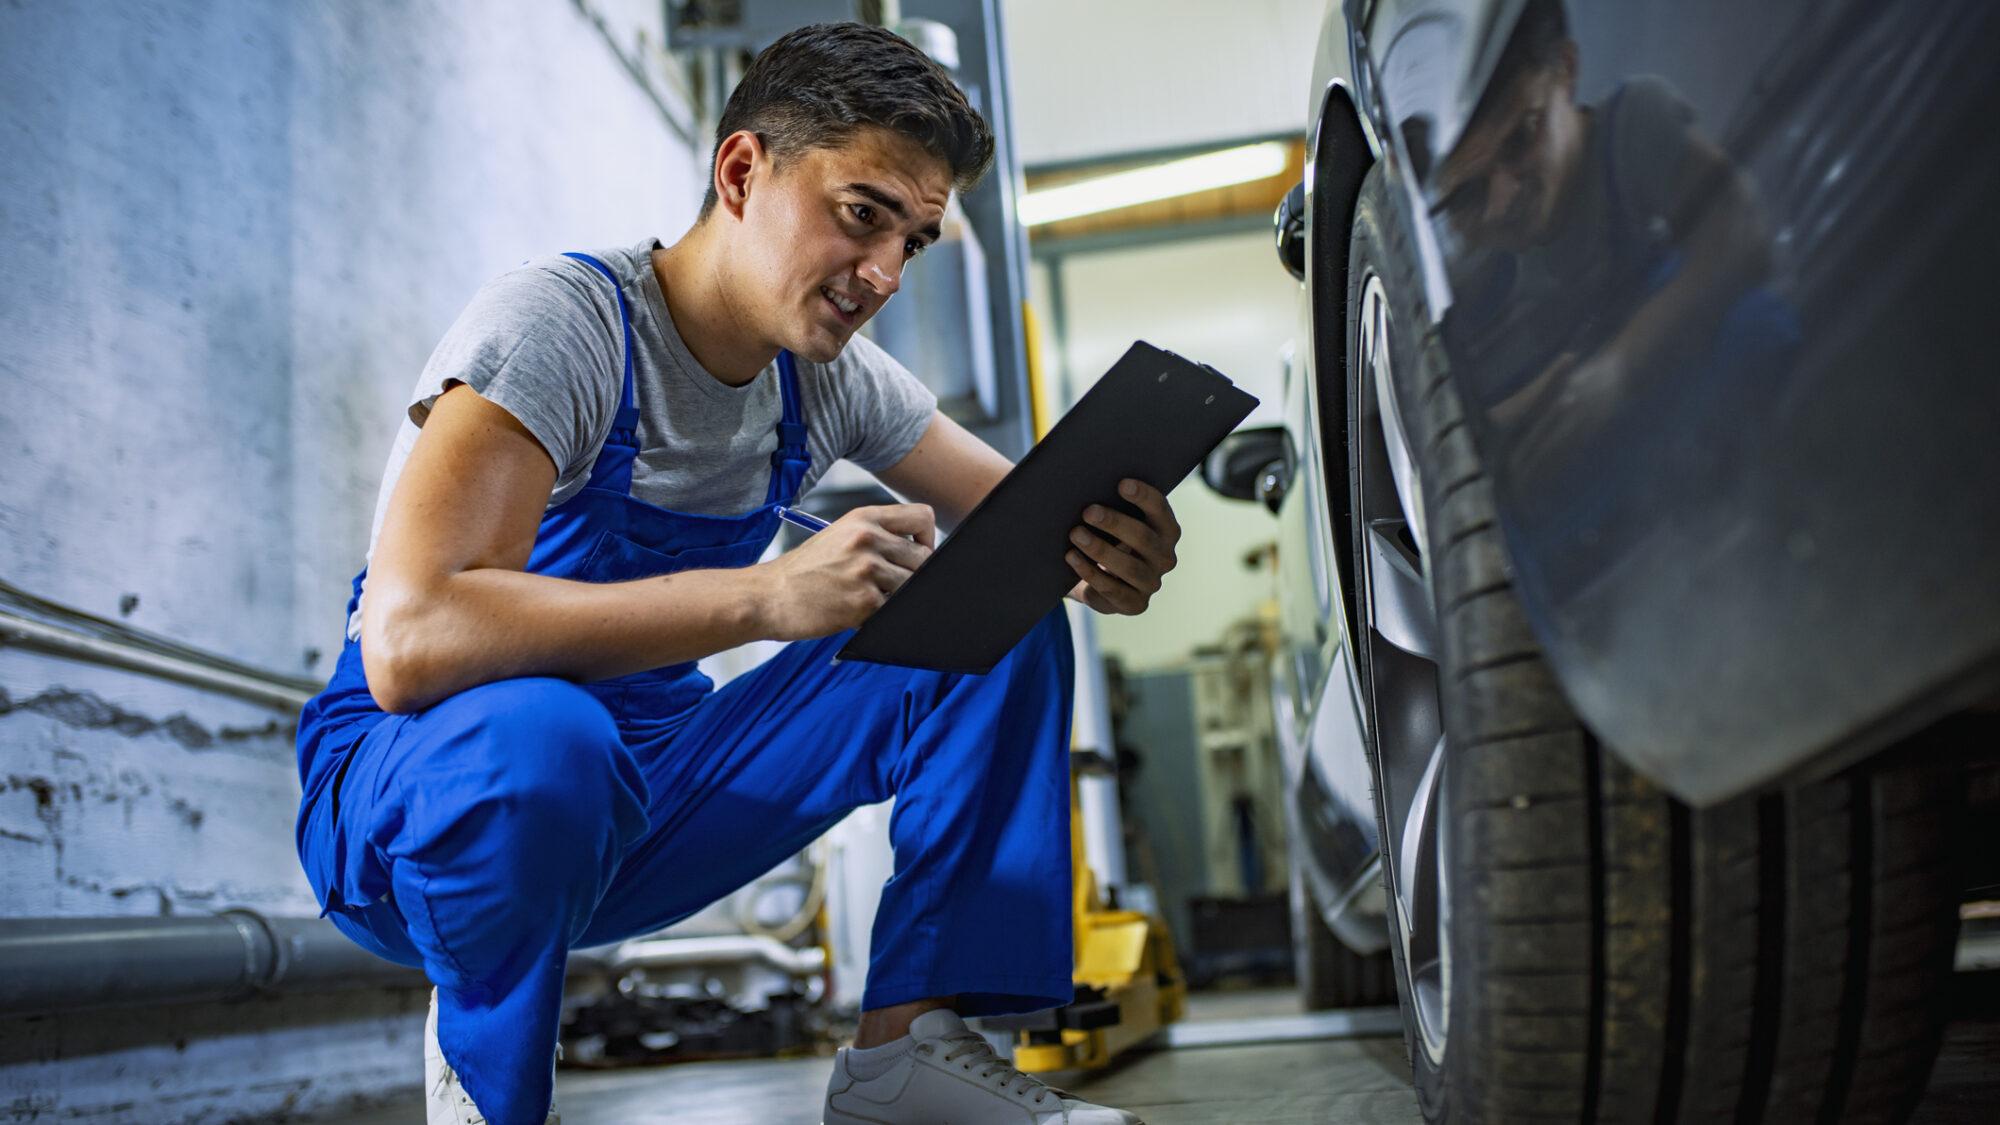 Novas regras na inspeção automóvel já em vigor